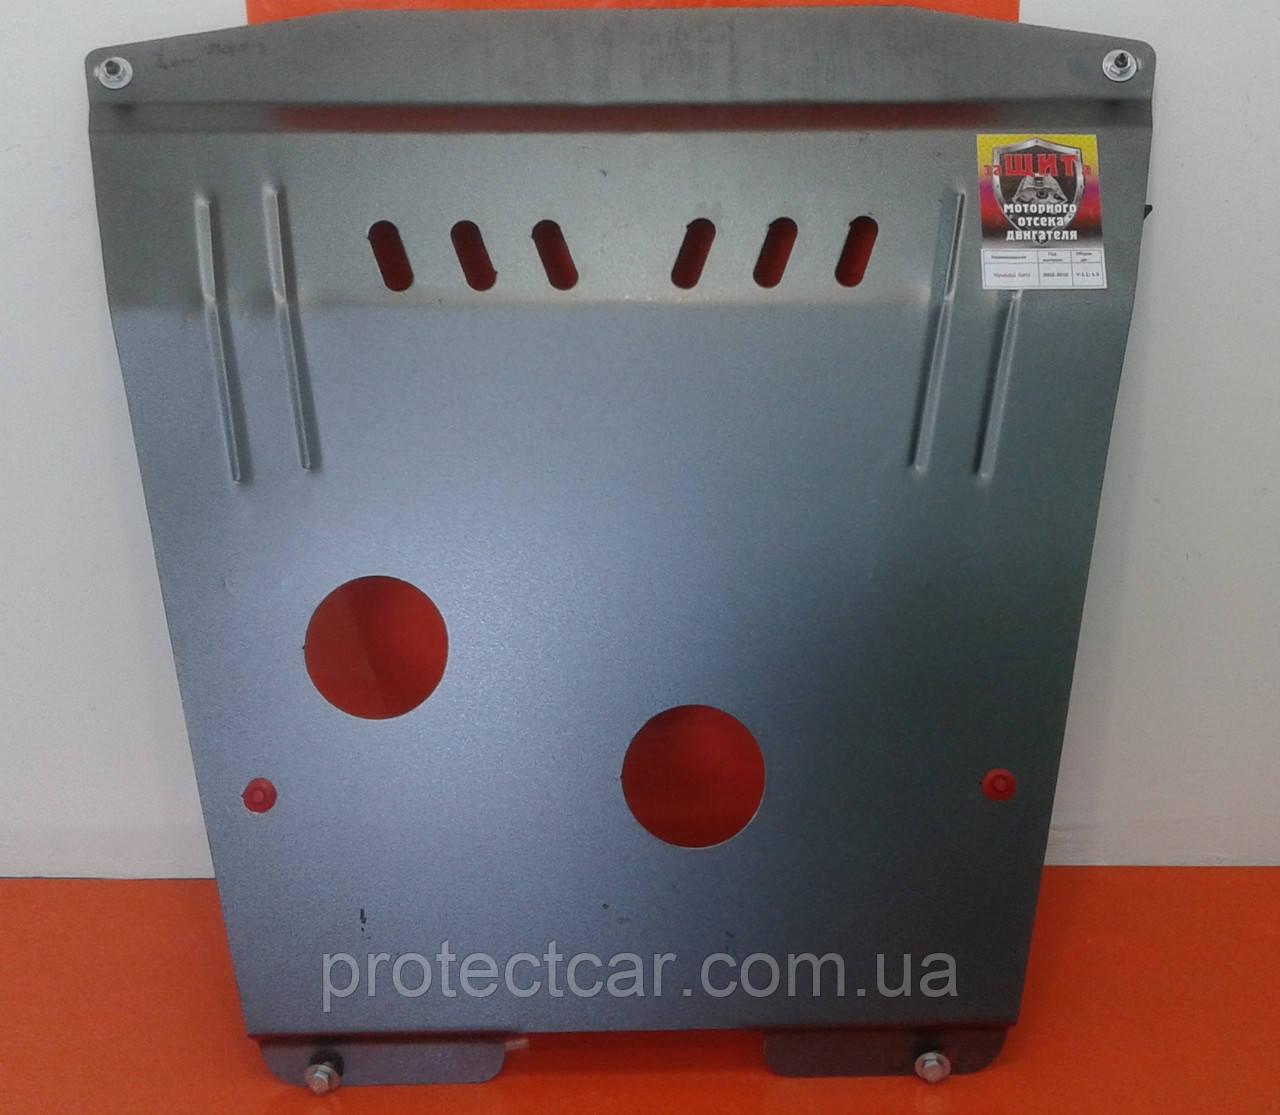 Защита двигателя Hyundai GETZ (Гетс)